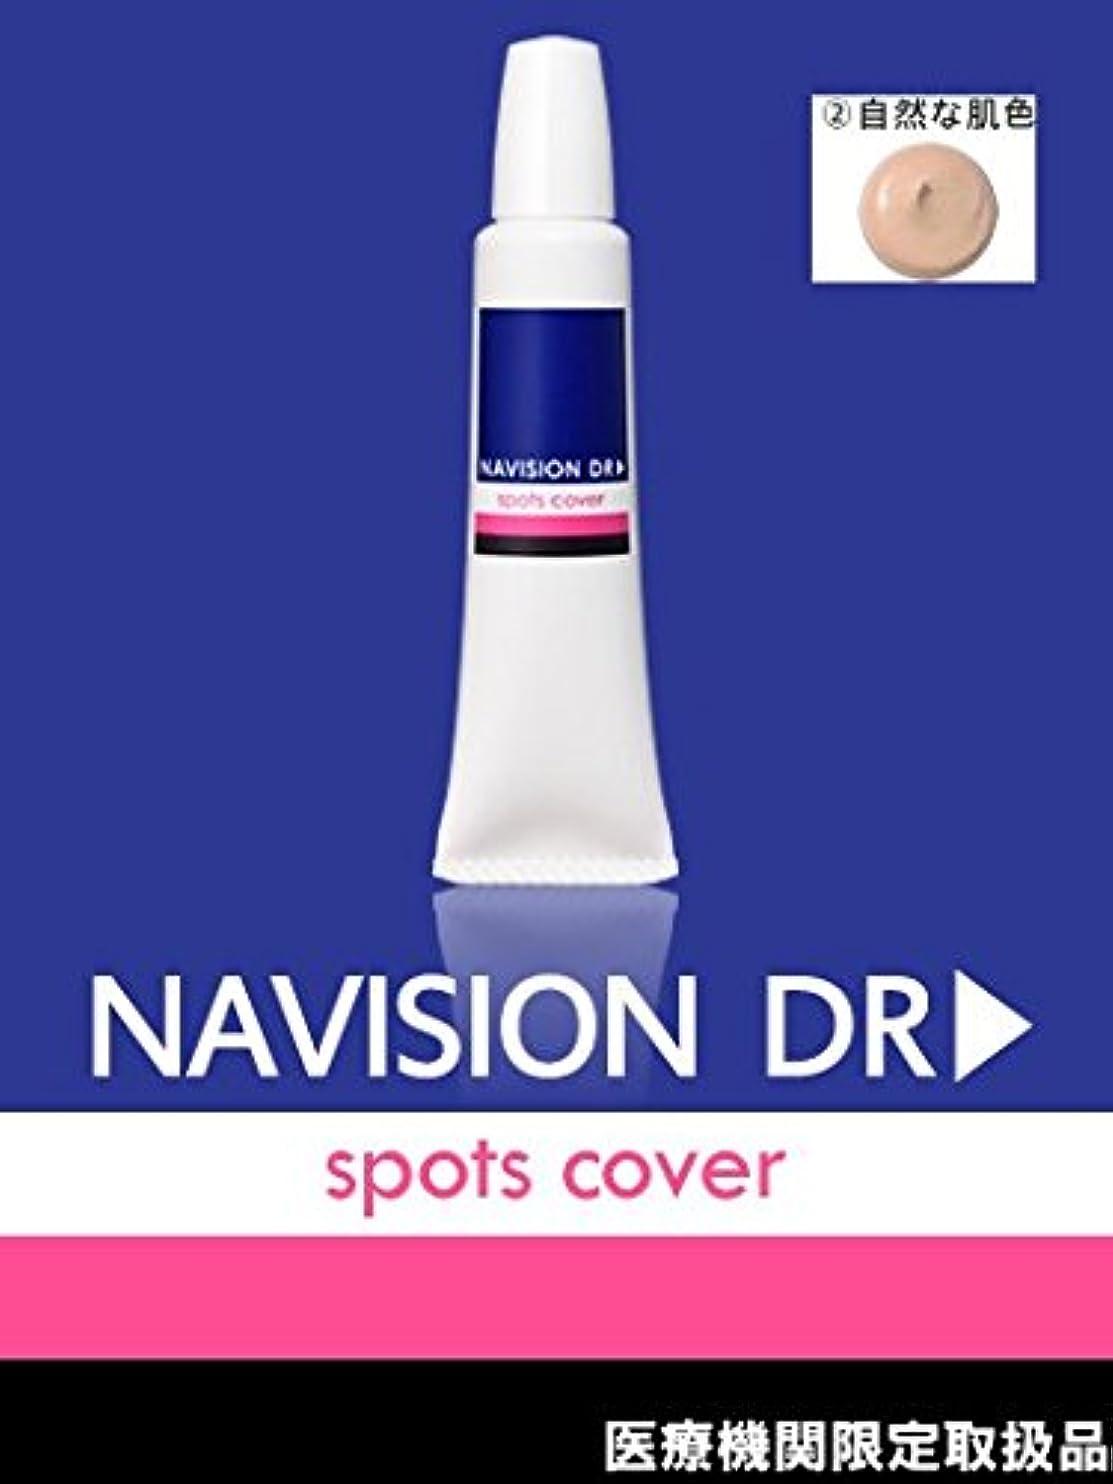 ロッジ平和次NAVISION DR? ナビジョンDR スポッツカバー ②自然な肌色 SPF40?PA+++【医療機関限定取扱品】